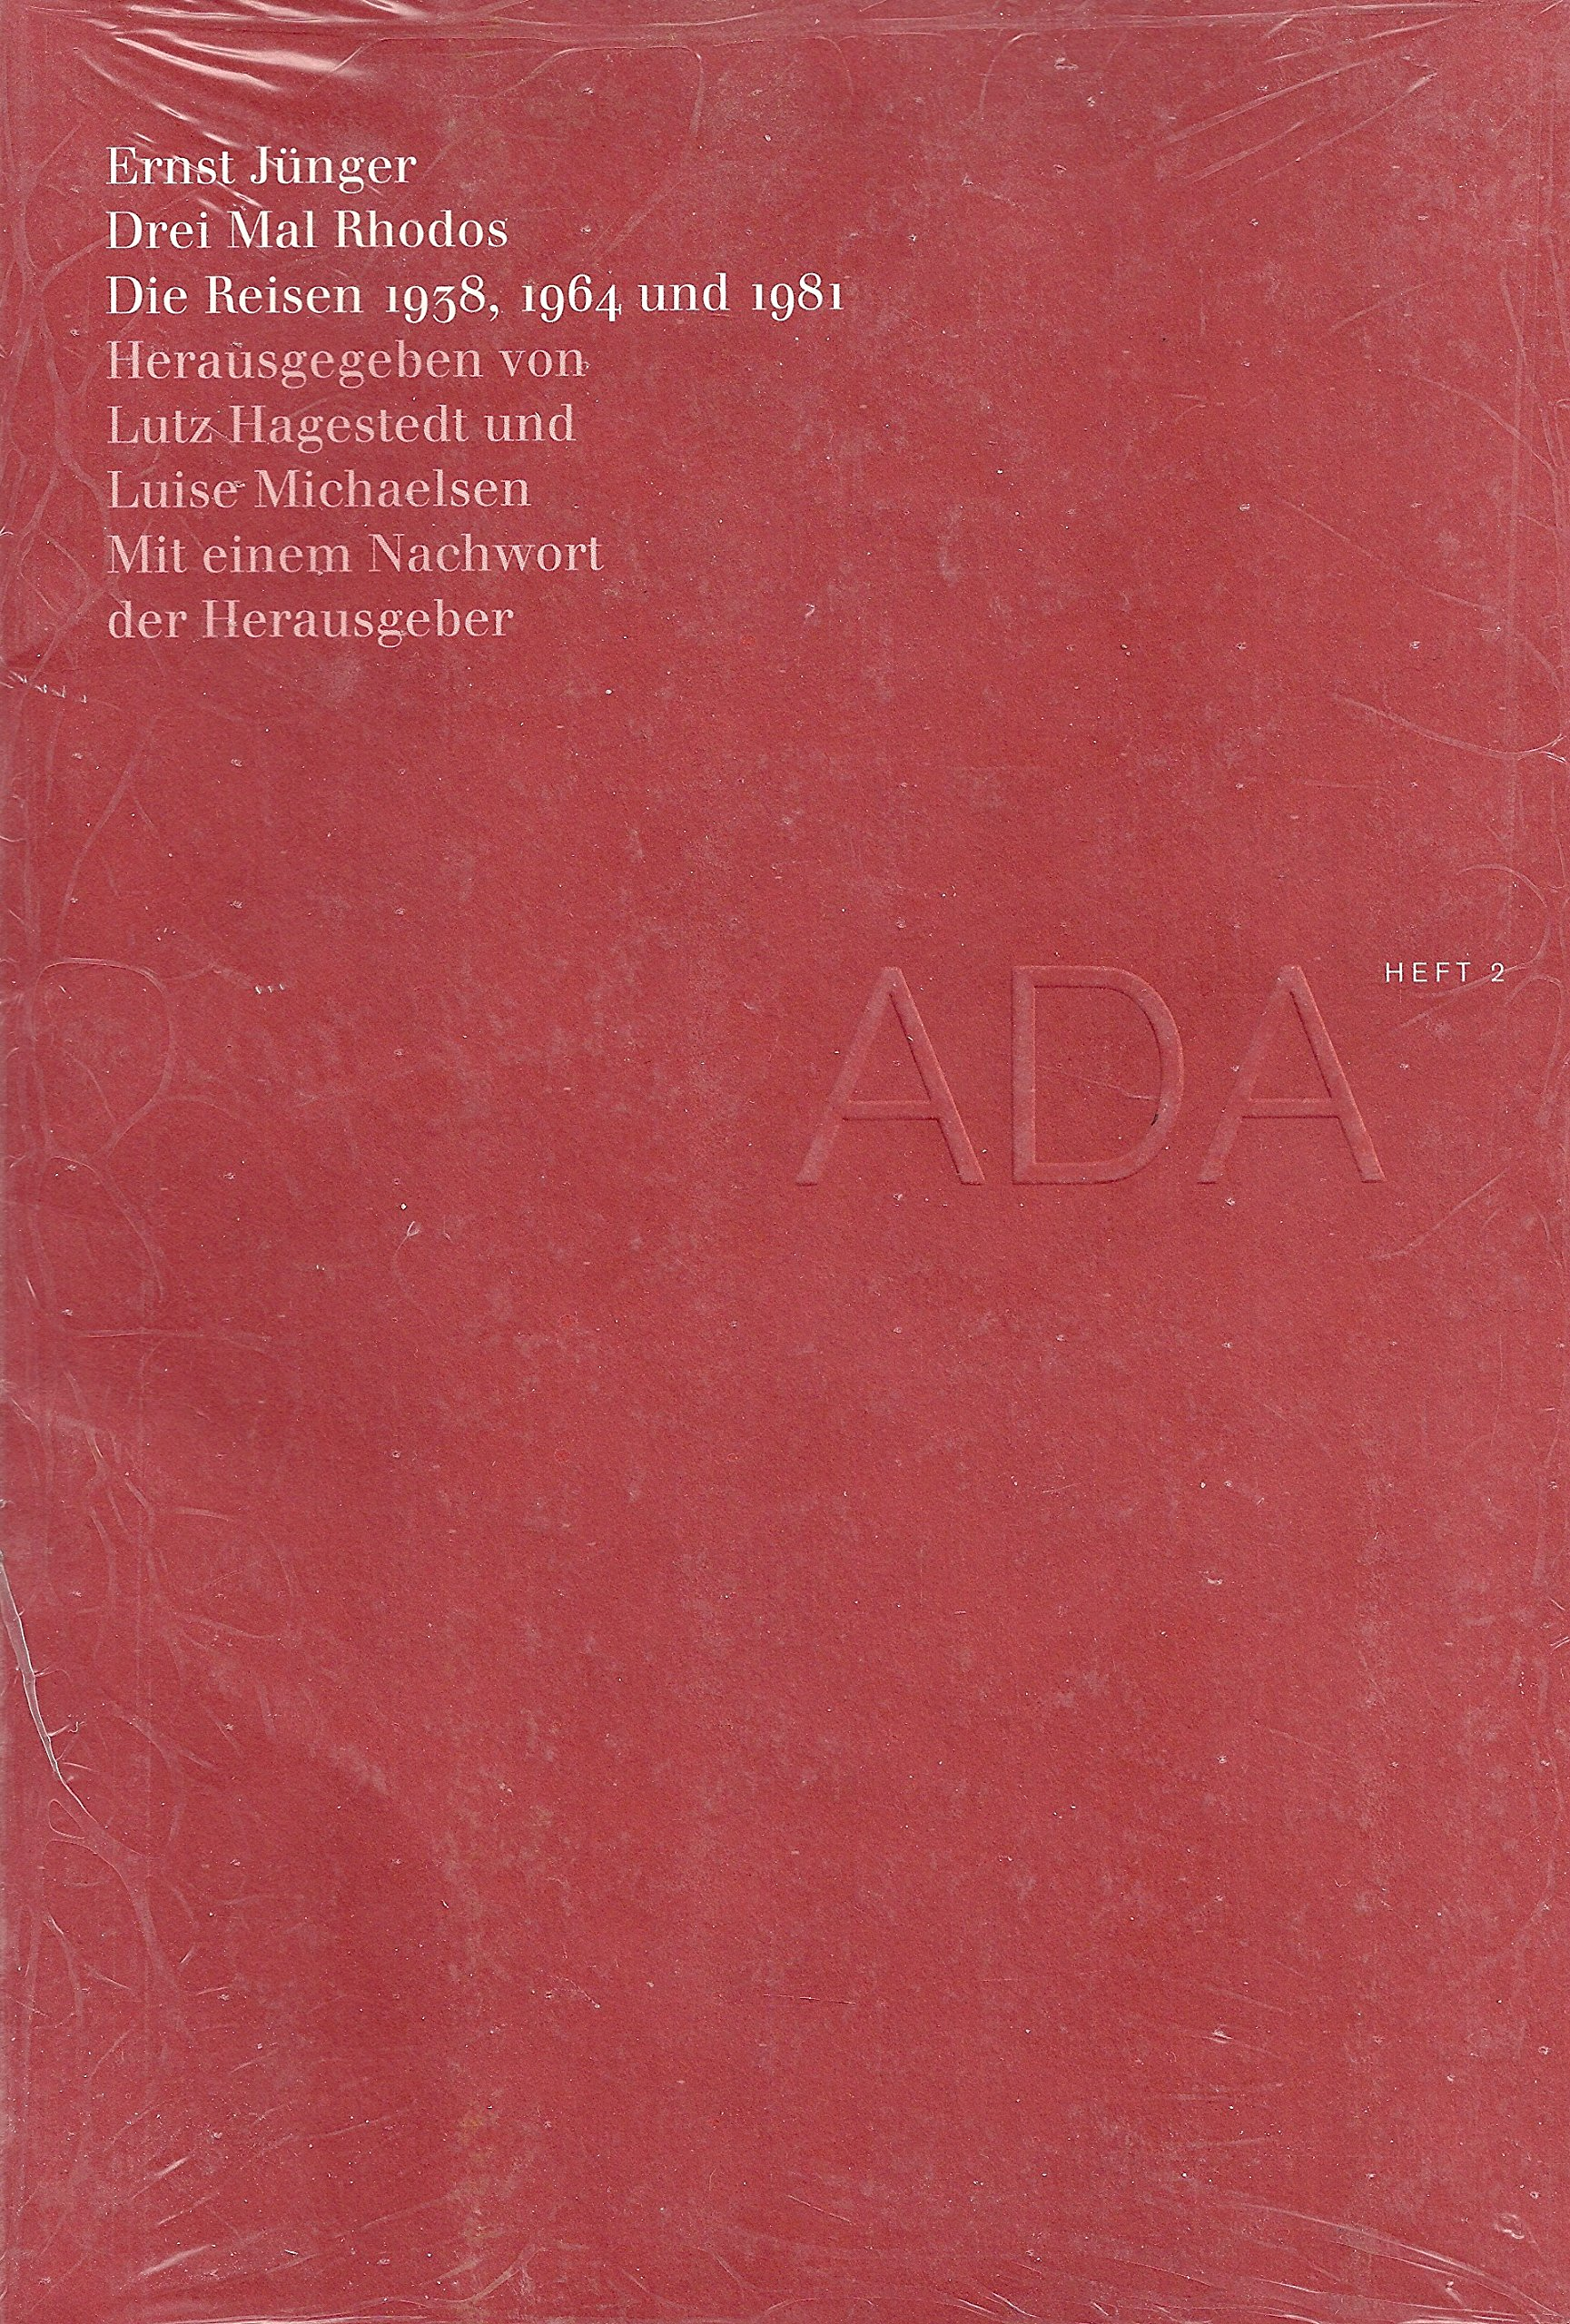 Drei Mal Rhodos: Die Reisen 1938, 1964 und 1981 (Aus dem Archiv)